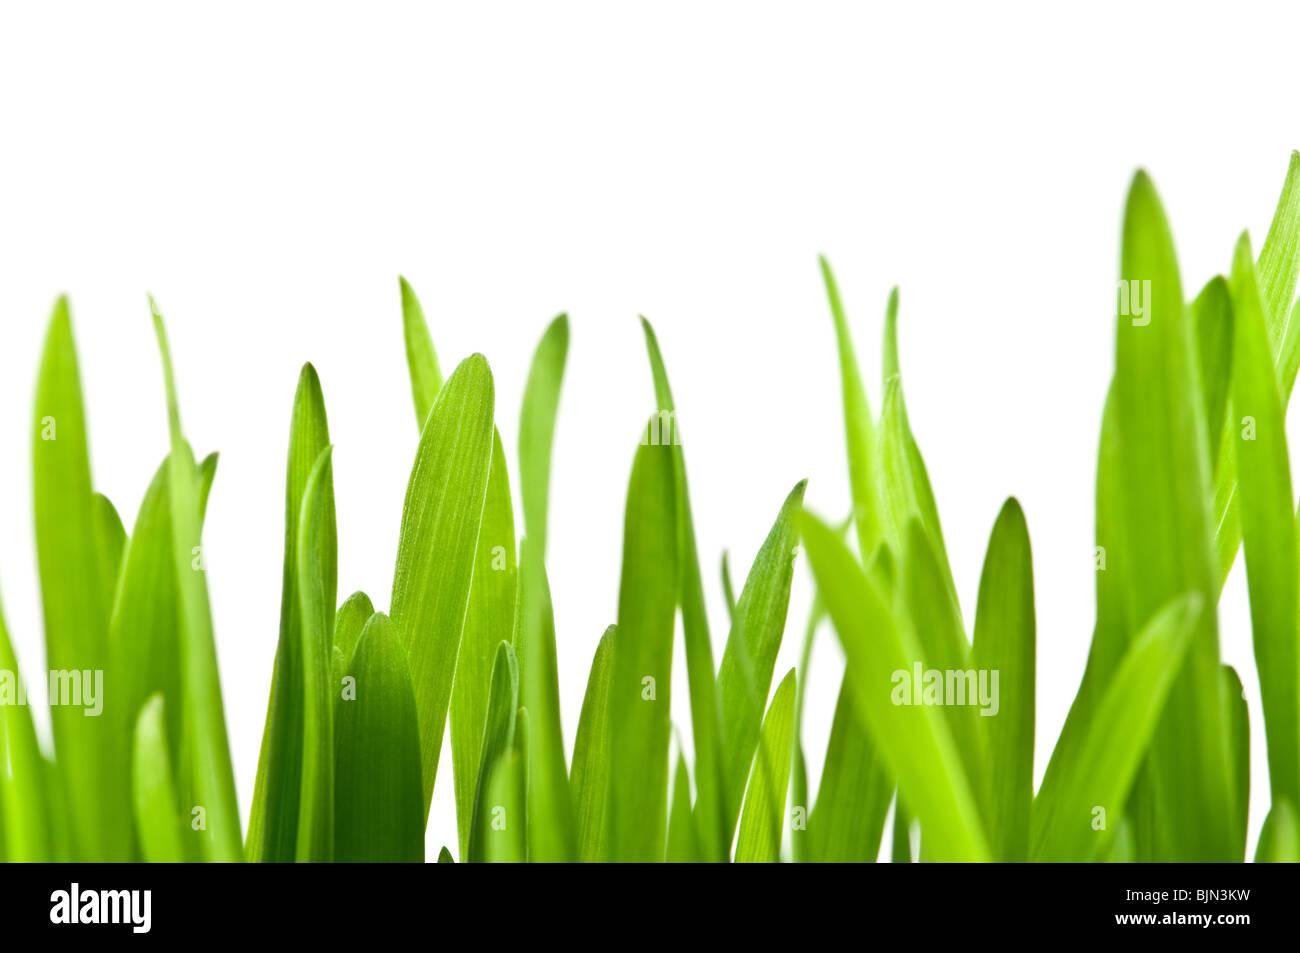 Erba verde isolato su sfondo bianco Immagini Stock